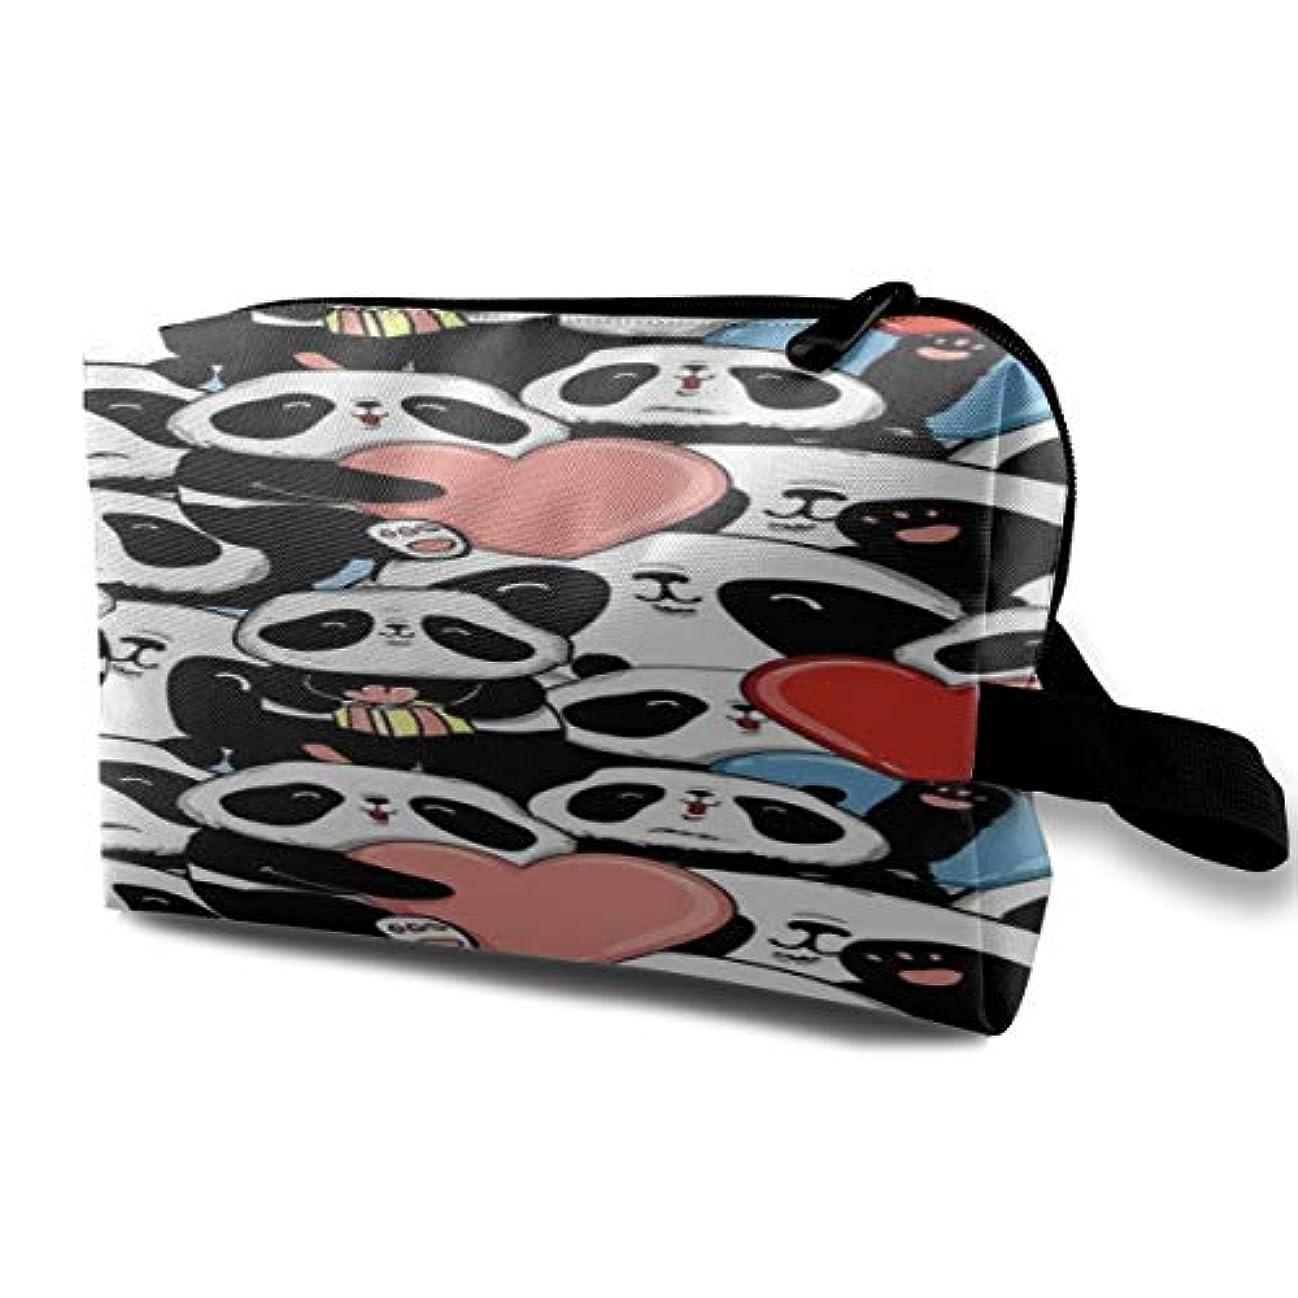 一貫性のないスリチンモイオピエートA Happy Panda 収納ポーチ 化粧ポーチ 大容量 軽量 耐久性 ハンドル付持ち運び便利。入れ 自宅・出張・旅行・アウトドア撮影などに対応。メンズ レディース トラベルグッズ